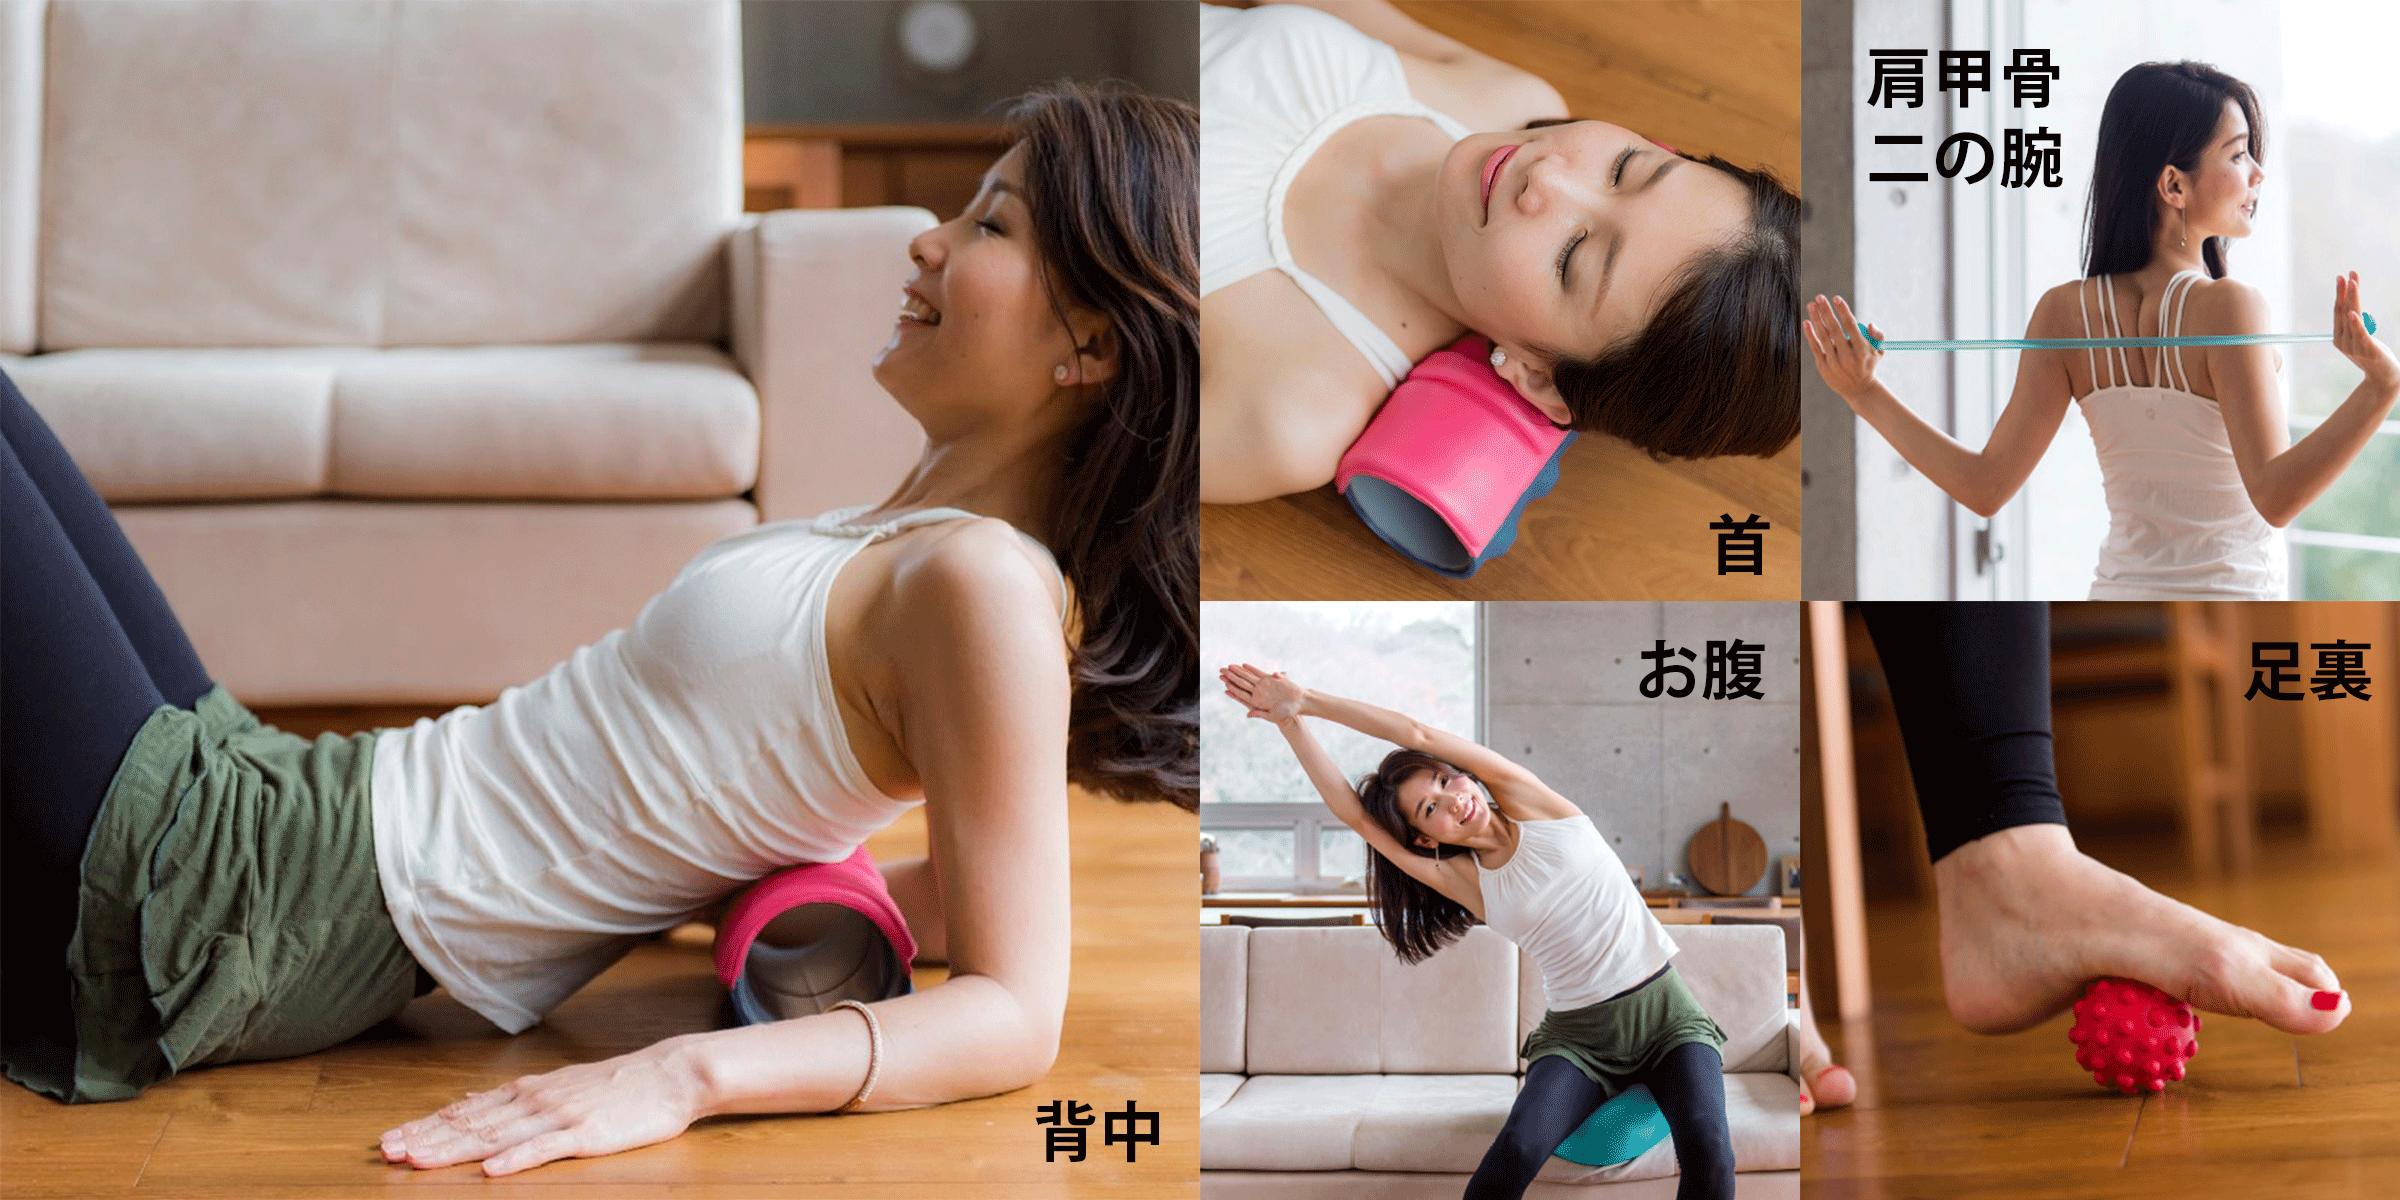 Relaxing Work リラクシングワーク ストレッチ マッサージ ゆるトレ ダイエット 筋膜リリース 痩せるコツ 痩せたい ヨガ ボール チューブ ローラー